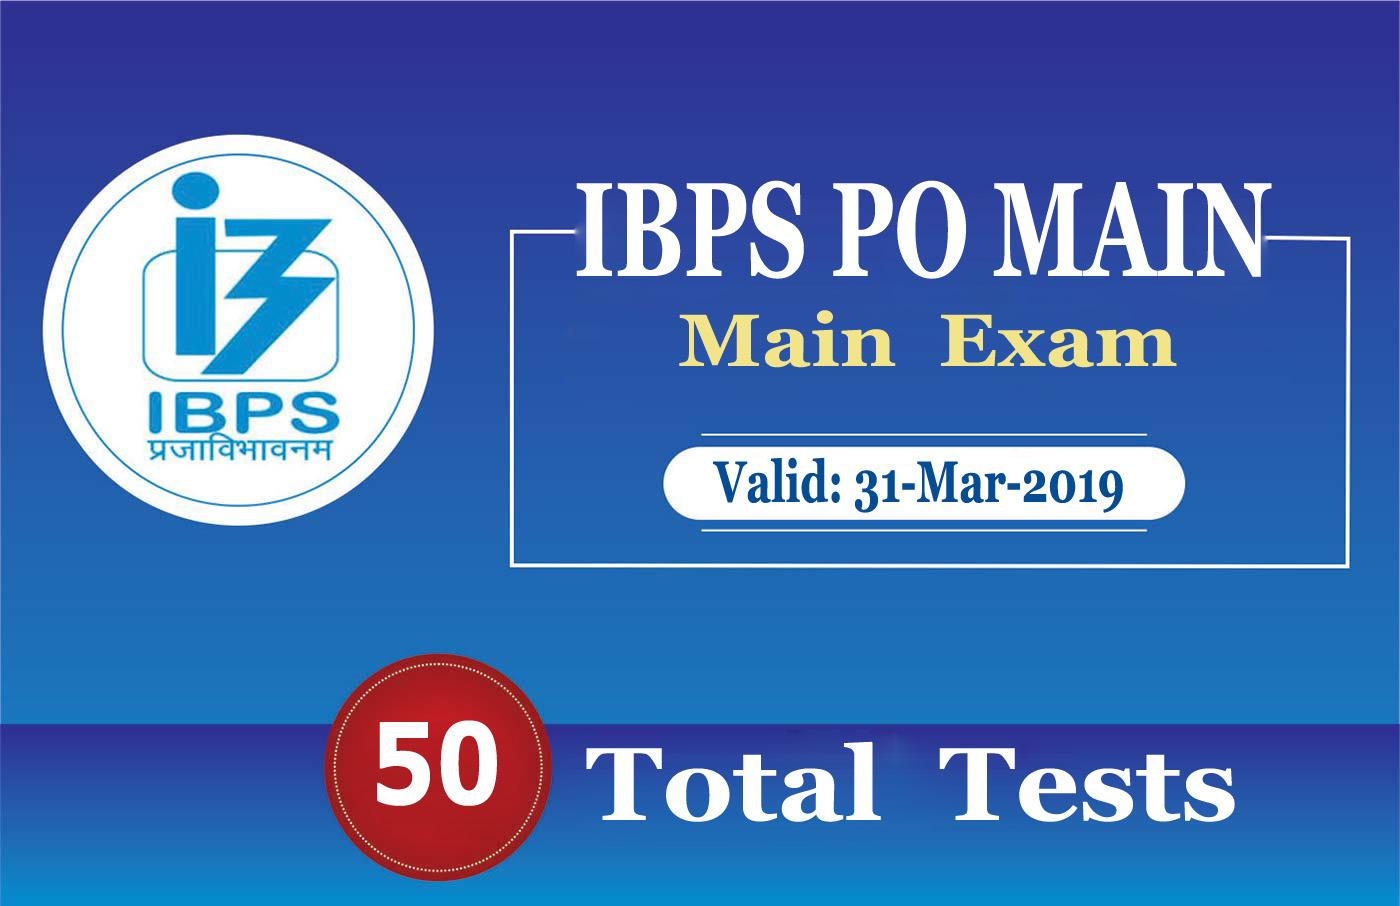 IBPS PO MAIN 2018